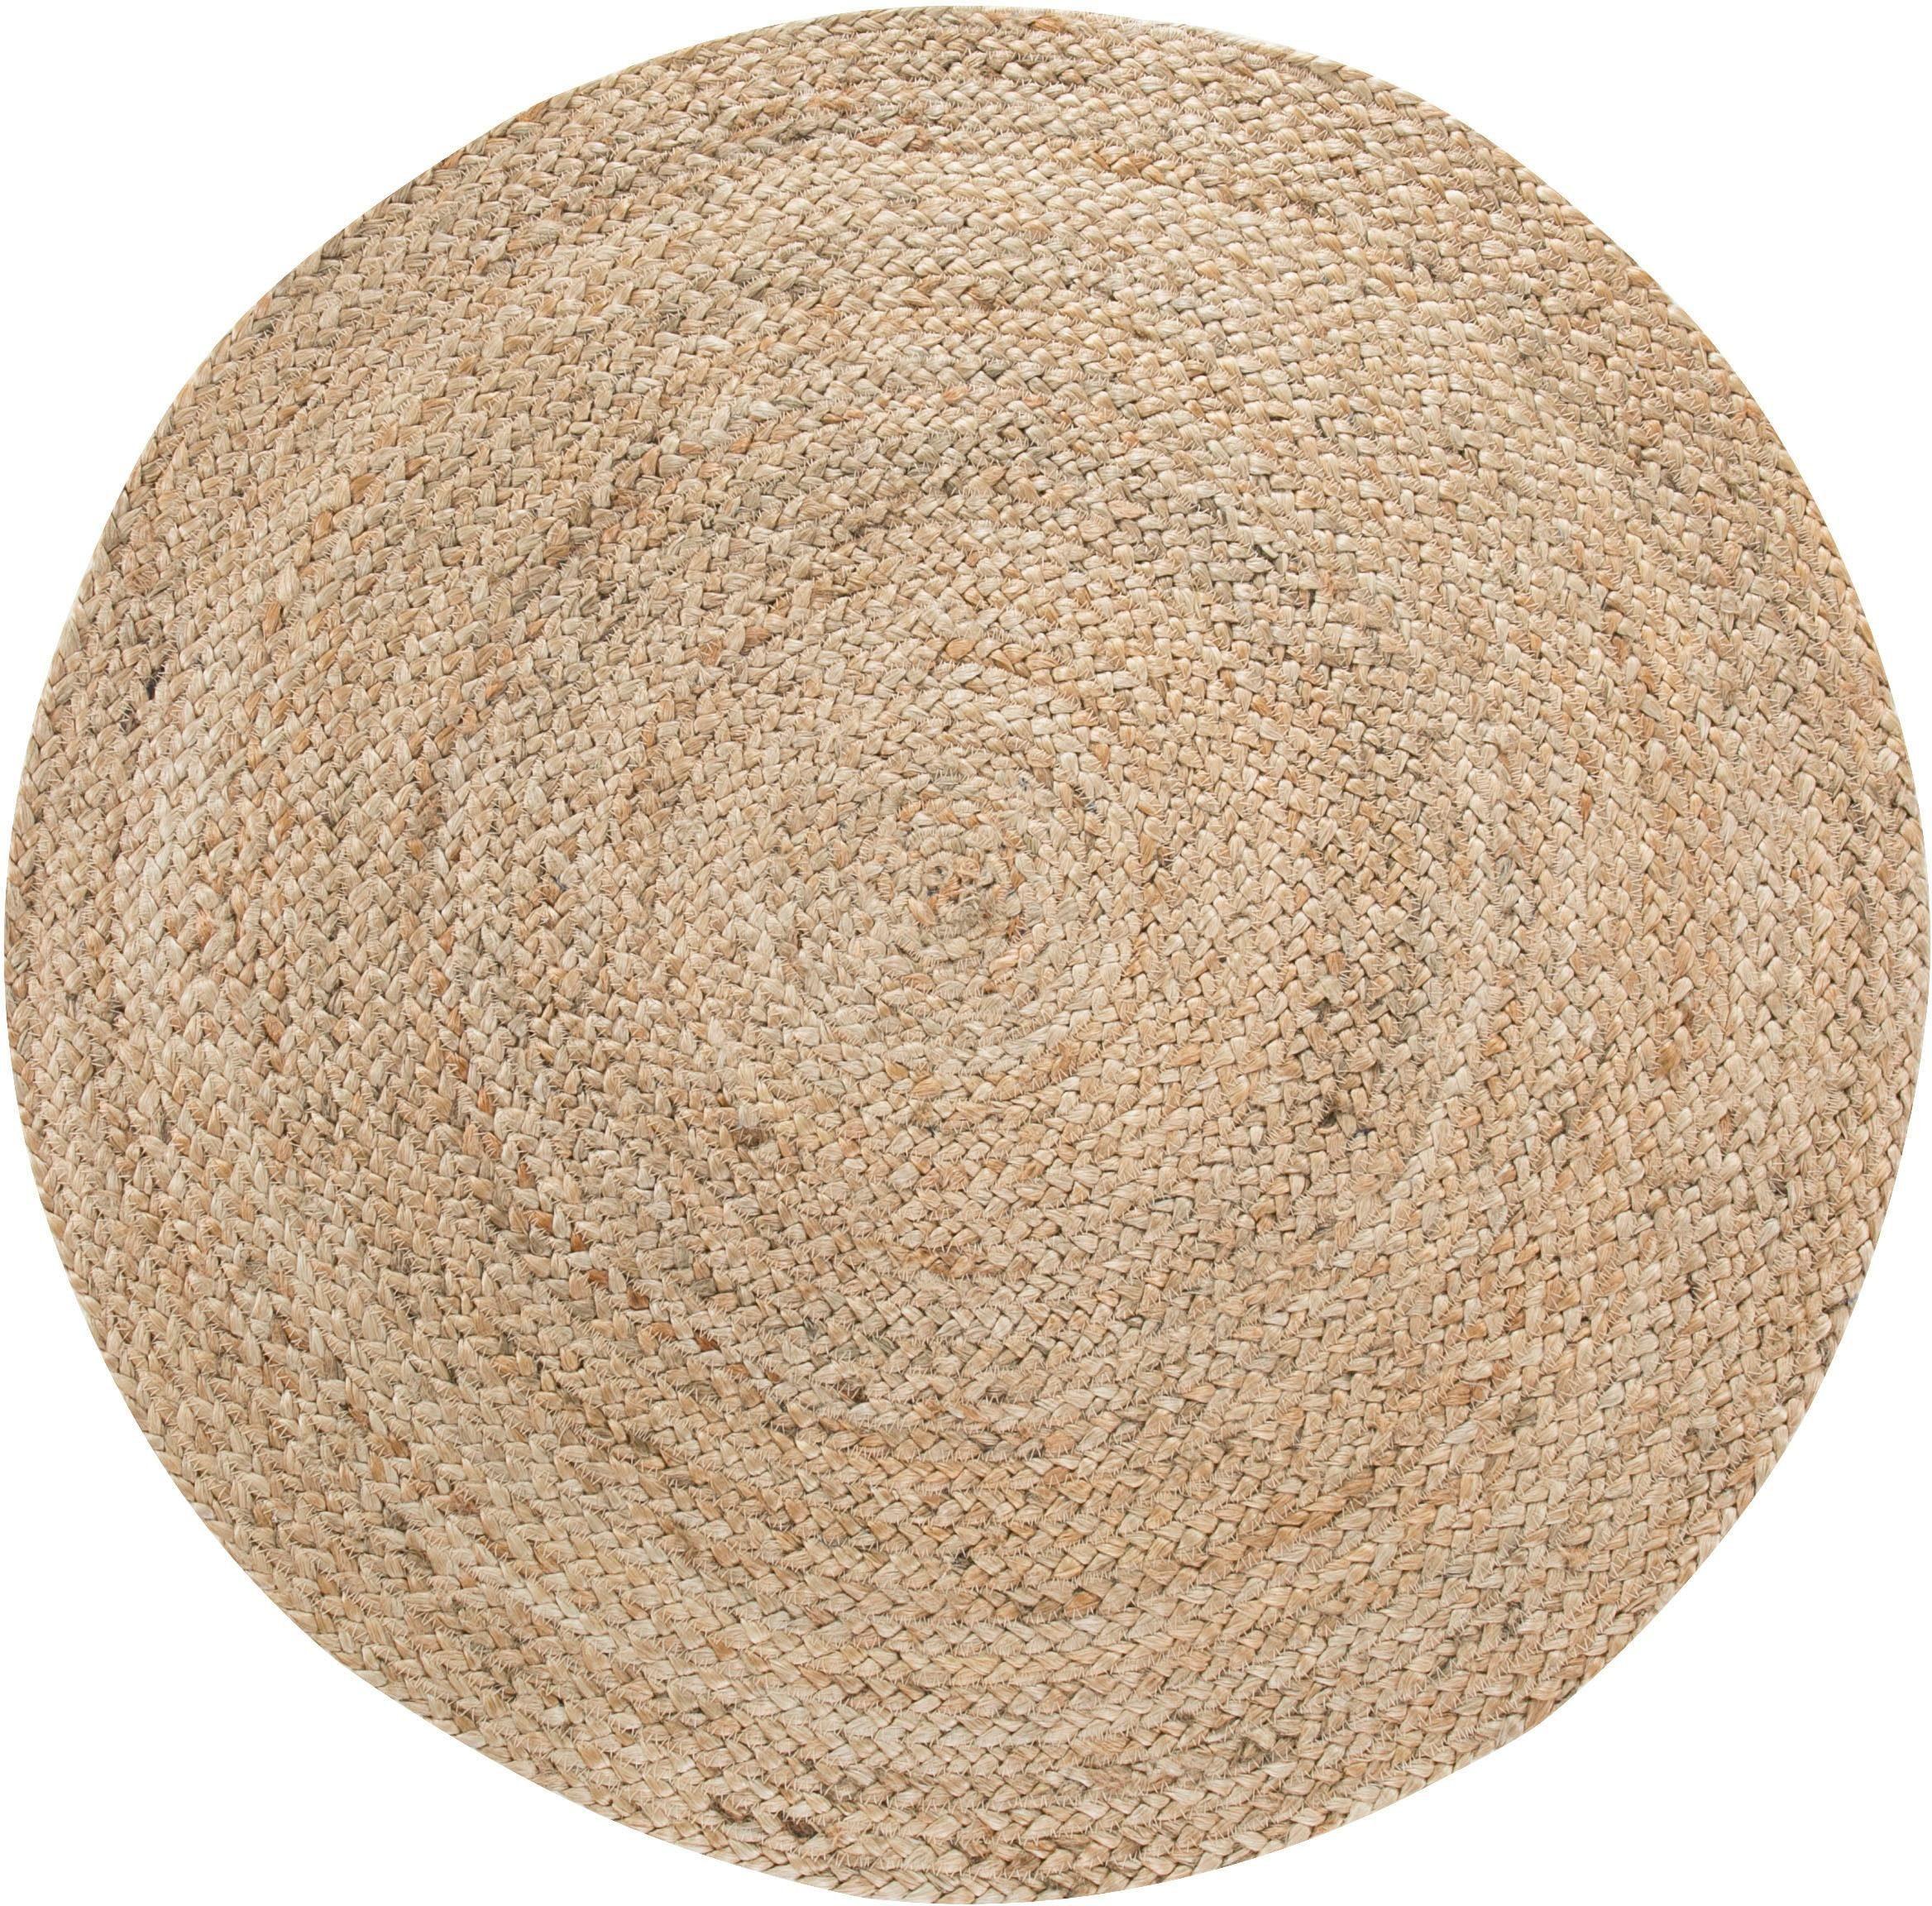 Teppich Mamda 2 LUXOR living rund Höhe 4 mm manuell geknüpft Wohnen/Wohntextilien/Teppiche/Naturteppiche/Juteteppiche